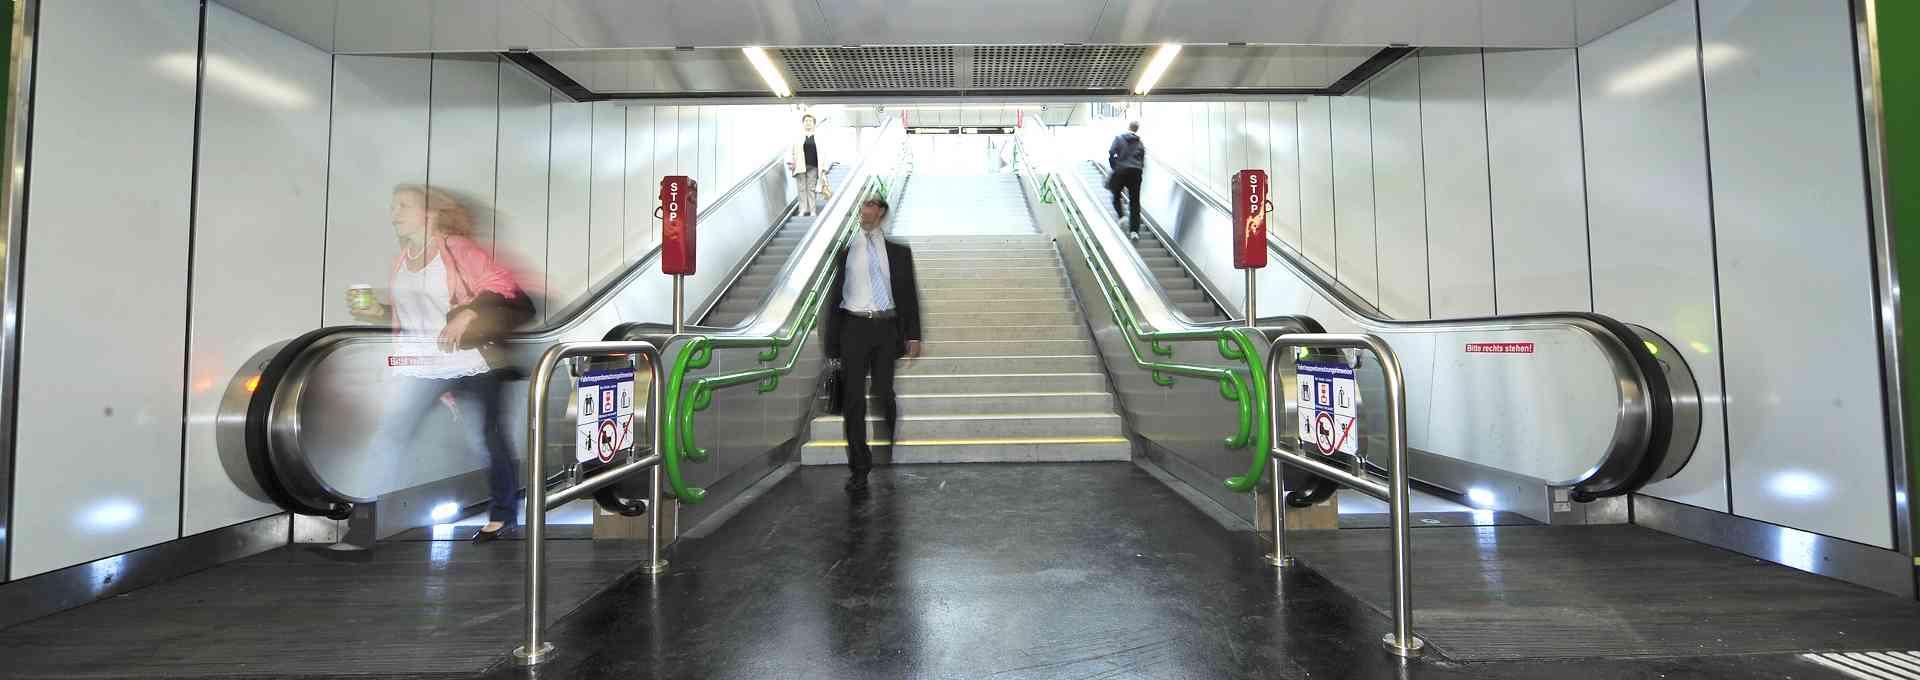 In diesem Blogbeitrag erklären wir, warum es manchmal etwas länger dauern kann, bis eine Rolltreppe wieder in Betrieb ist.